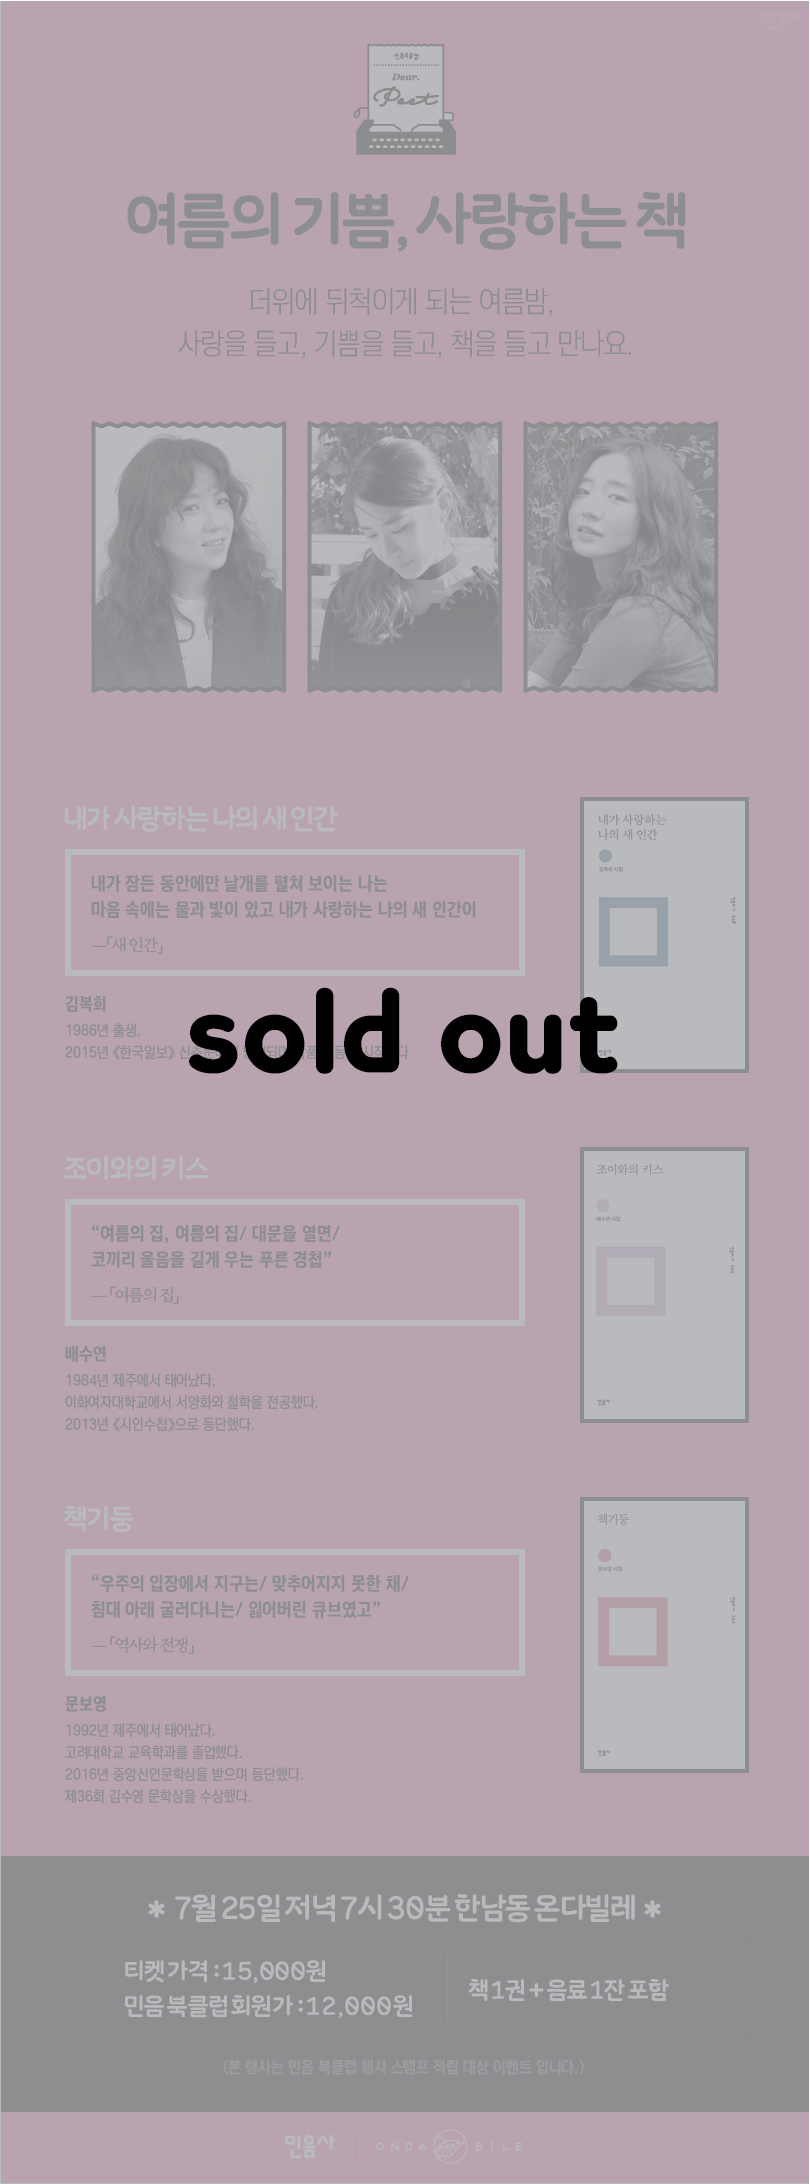 810_디어포엣_01_수정_sold out